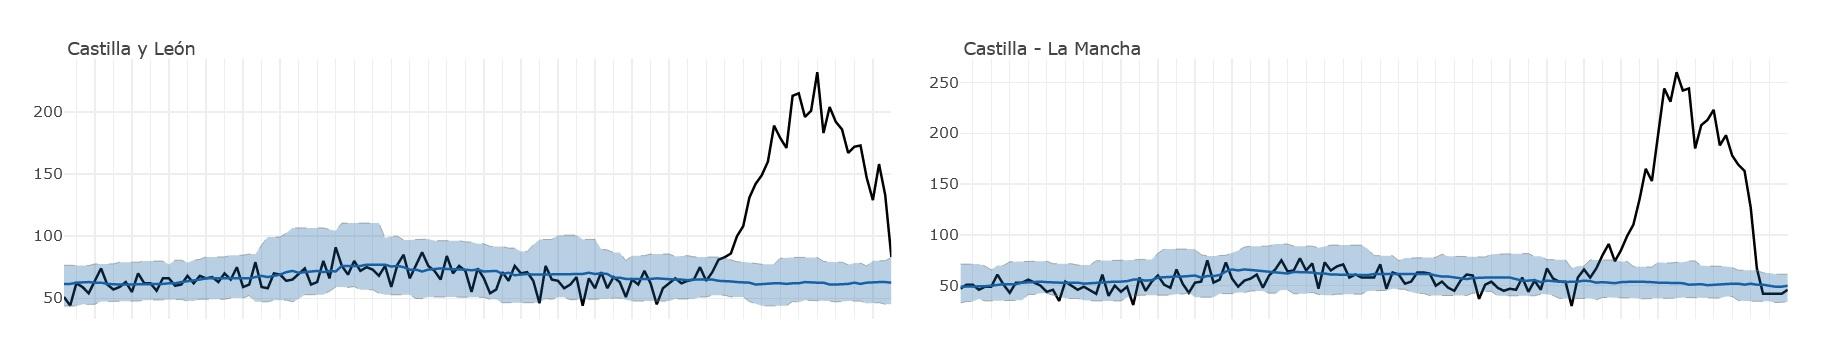 Exceso de mortalidade detectado en Castilla y León e Castilla-La Mancha. Fonte: ISCIII.